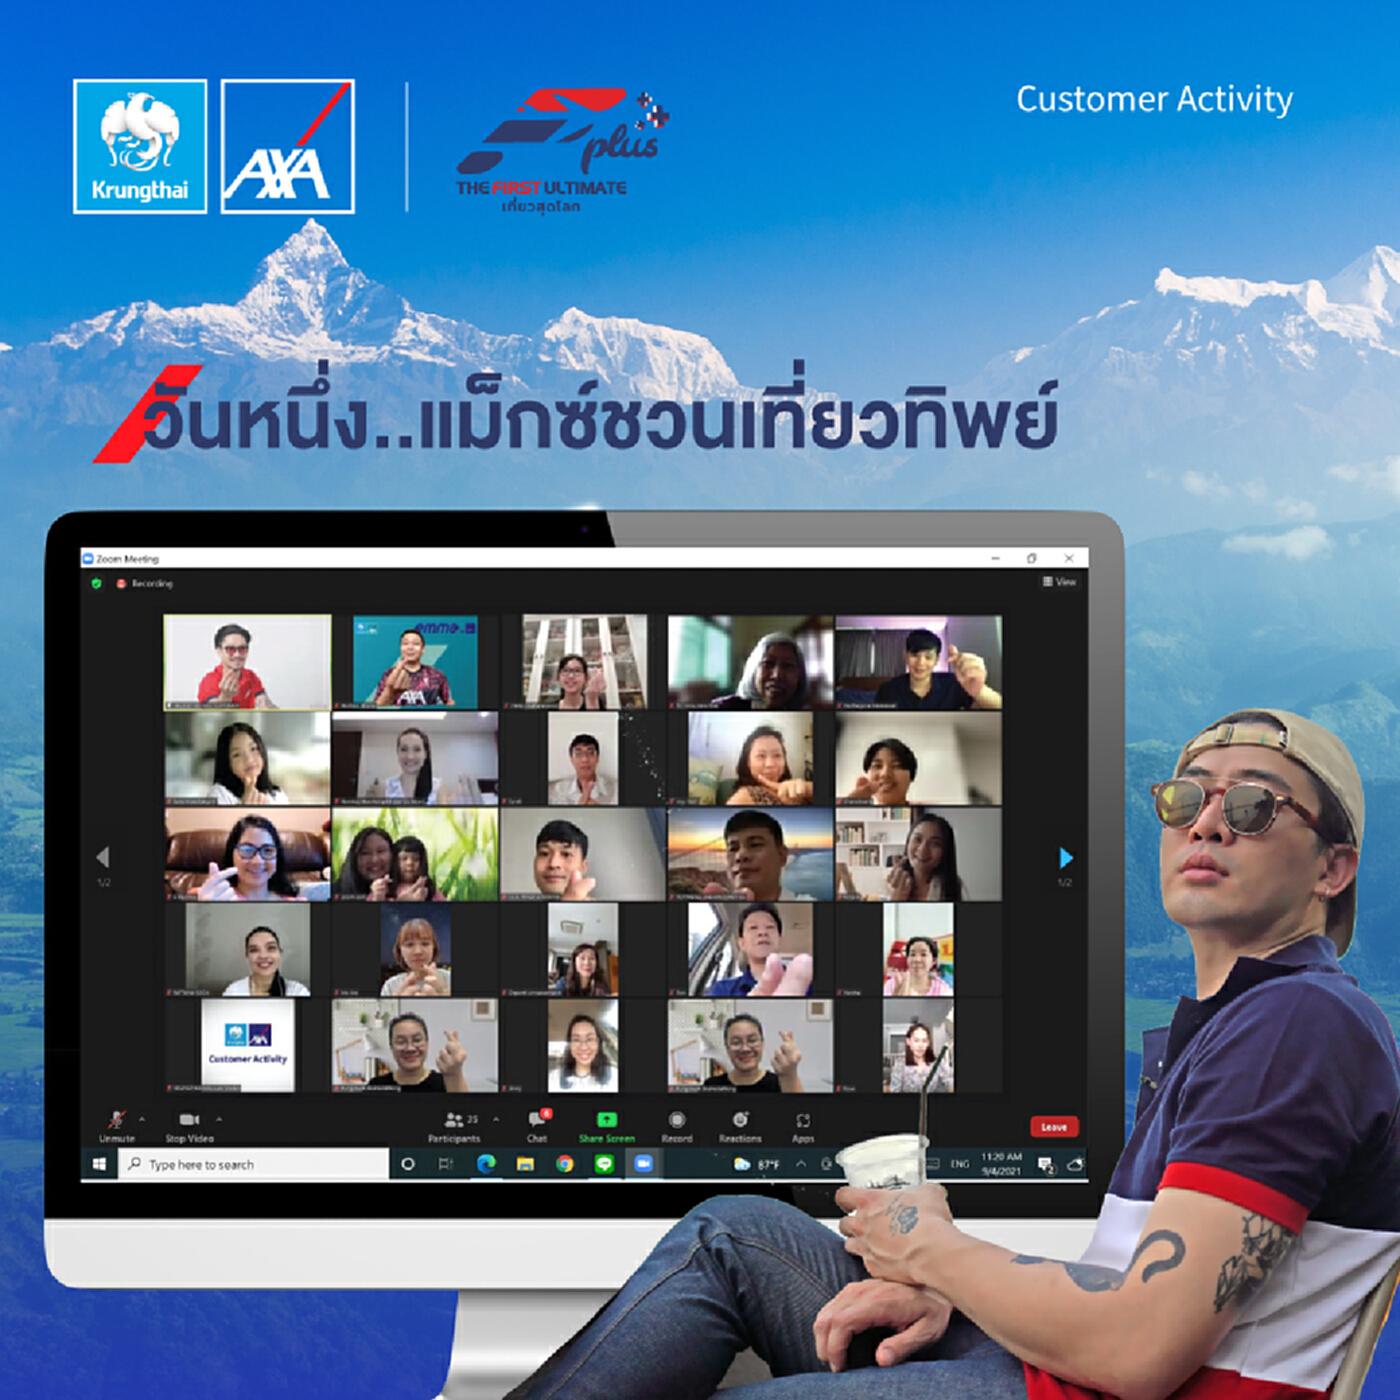 """กรุงไทย–แอกซ่า ประกันชีวิต จัดกิจกรรมออนไลน์สุดพิเศษ""""วันหนึ่ง...แม็กซ์ชวนเที่ยวทิพย์"""""""